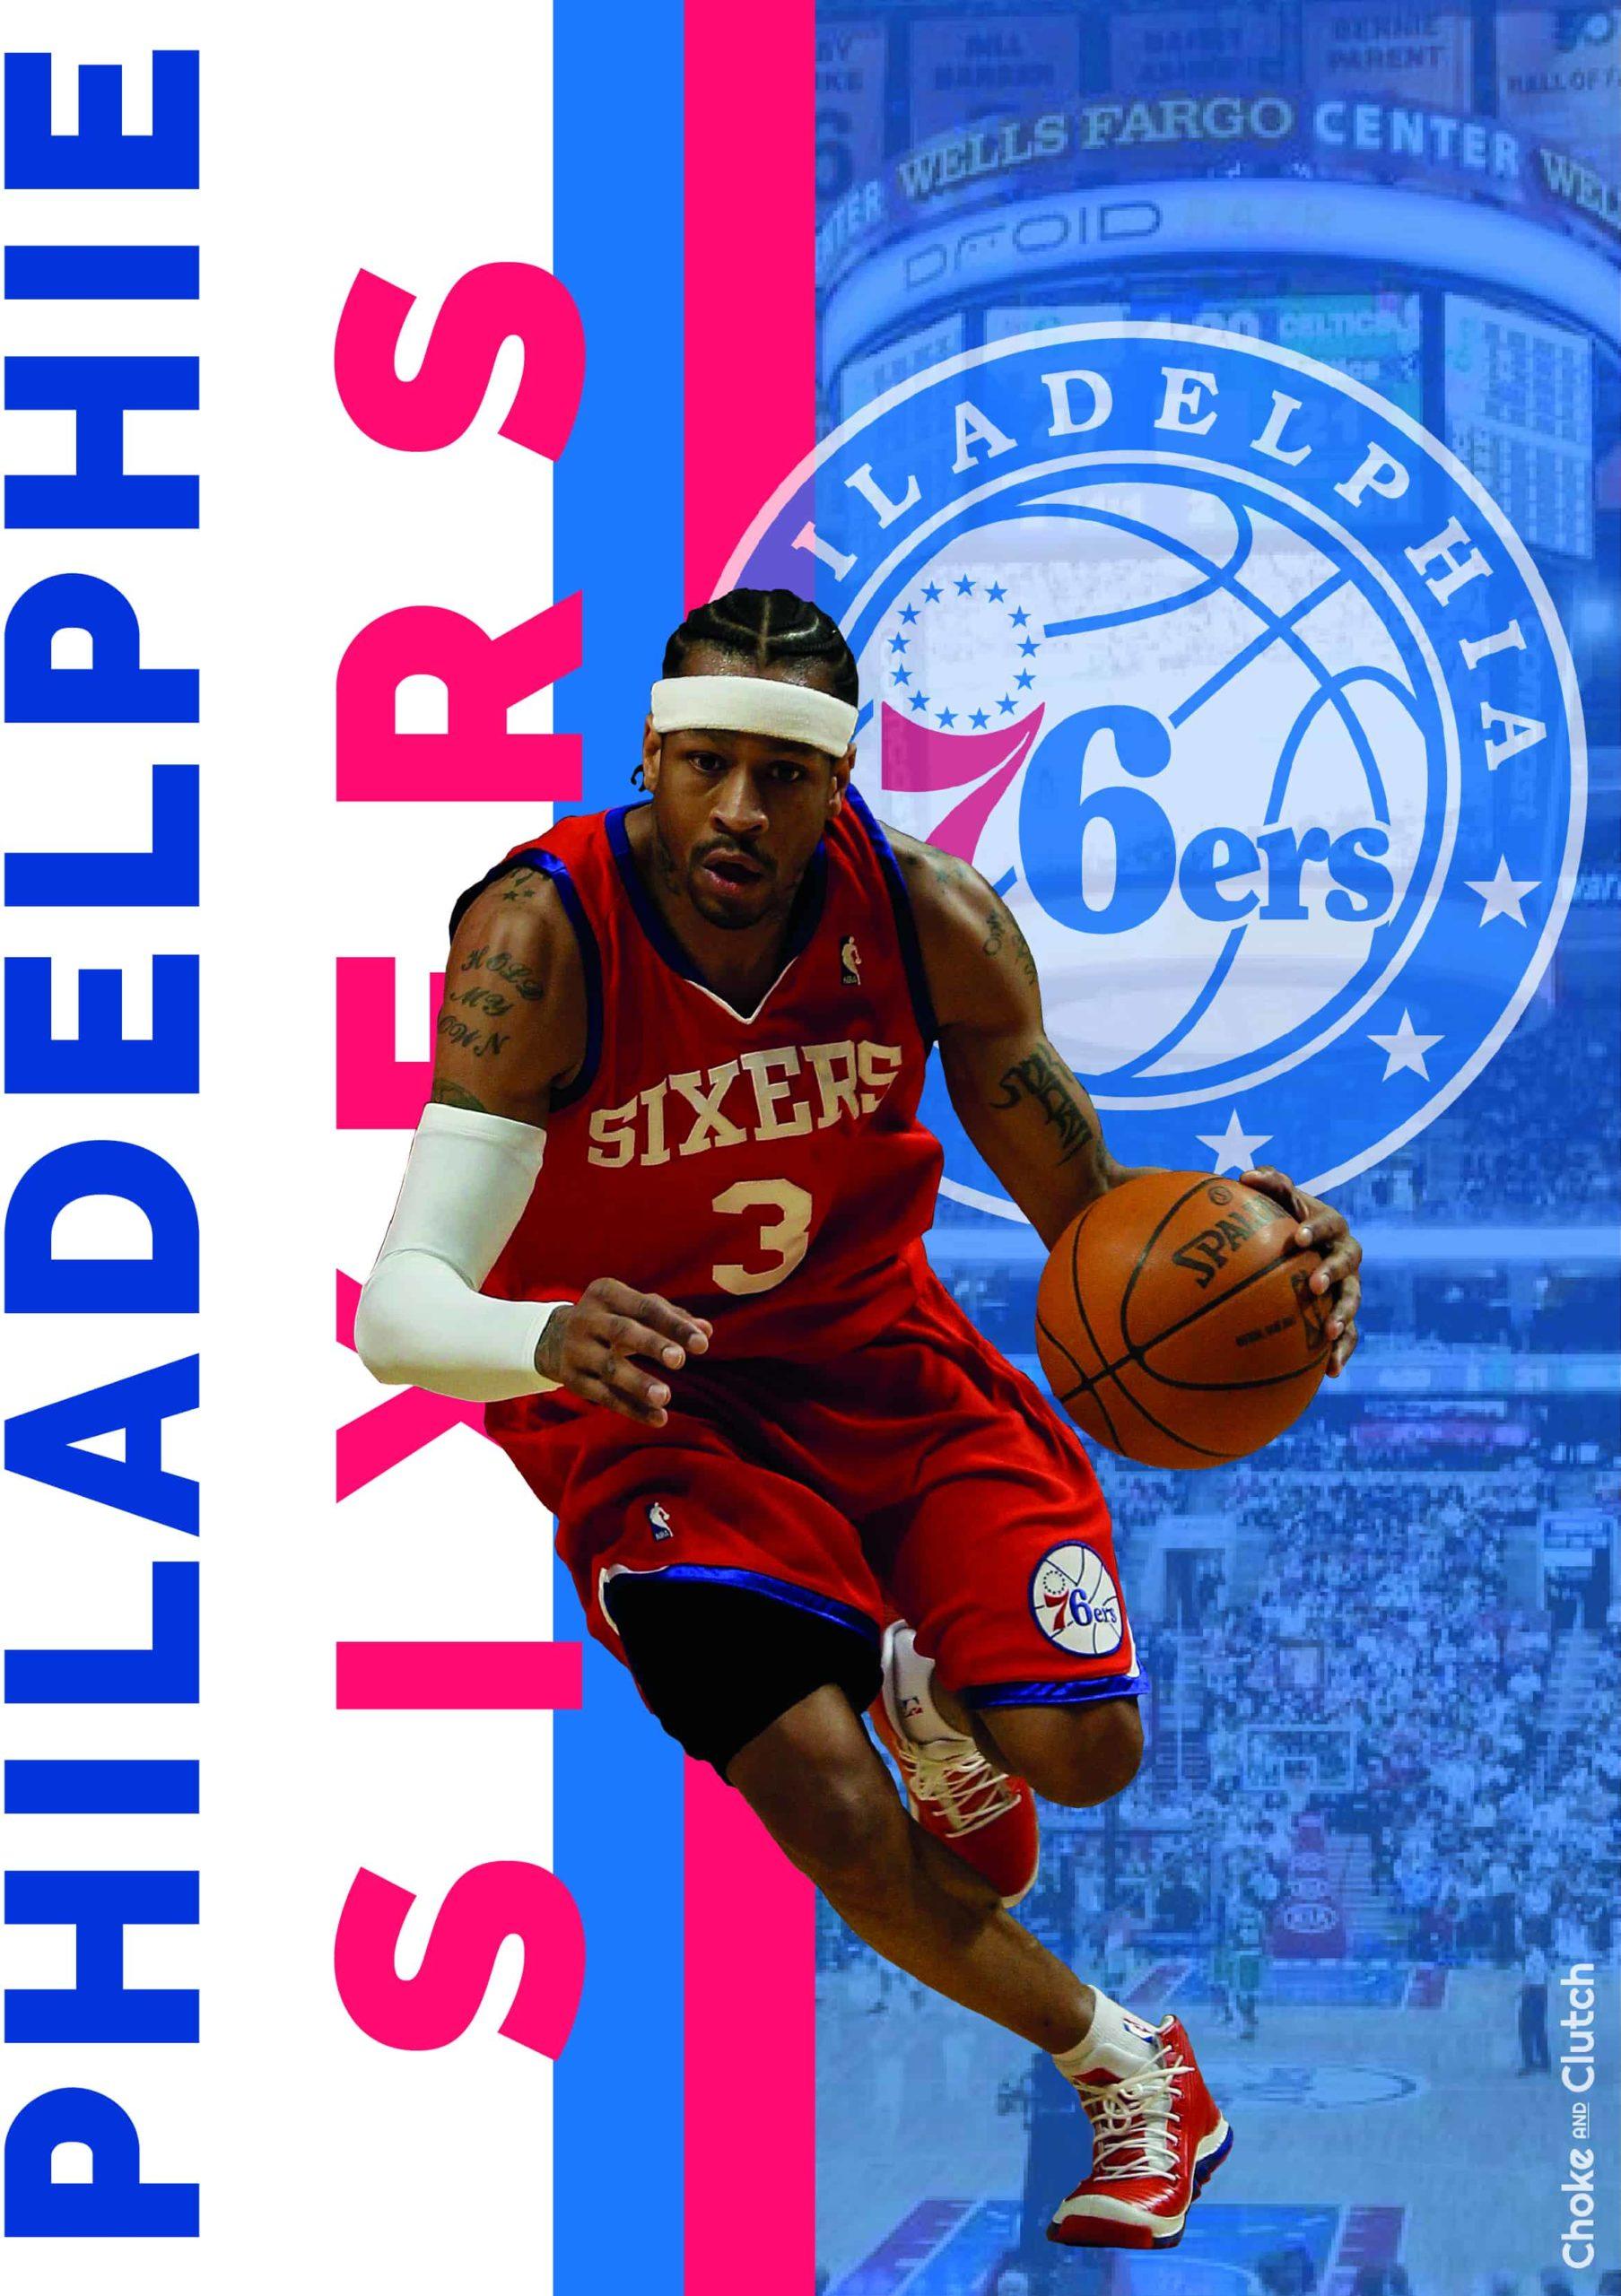 Histoire de la franchise NBA des Sixers de Philadelphie